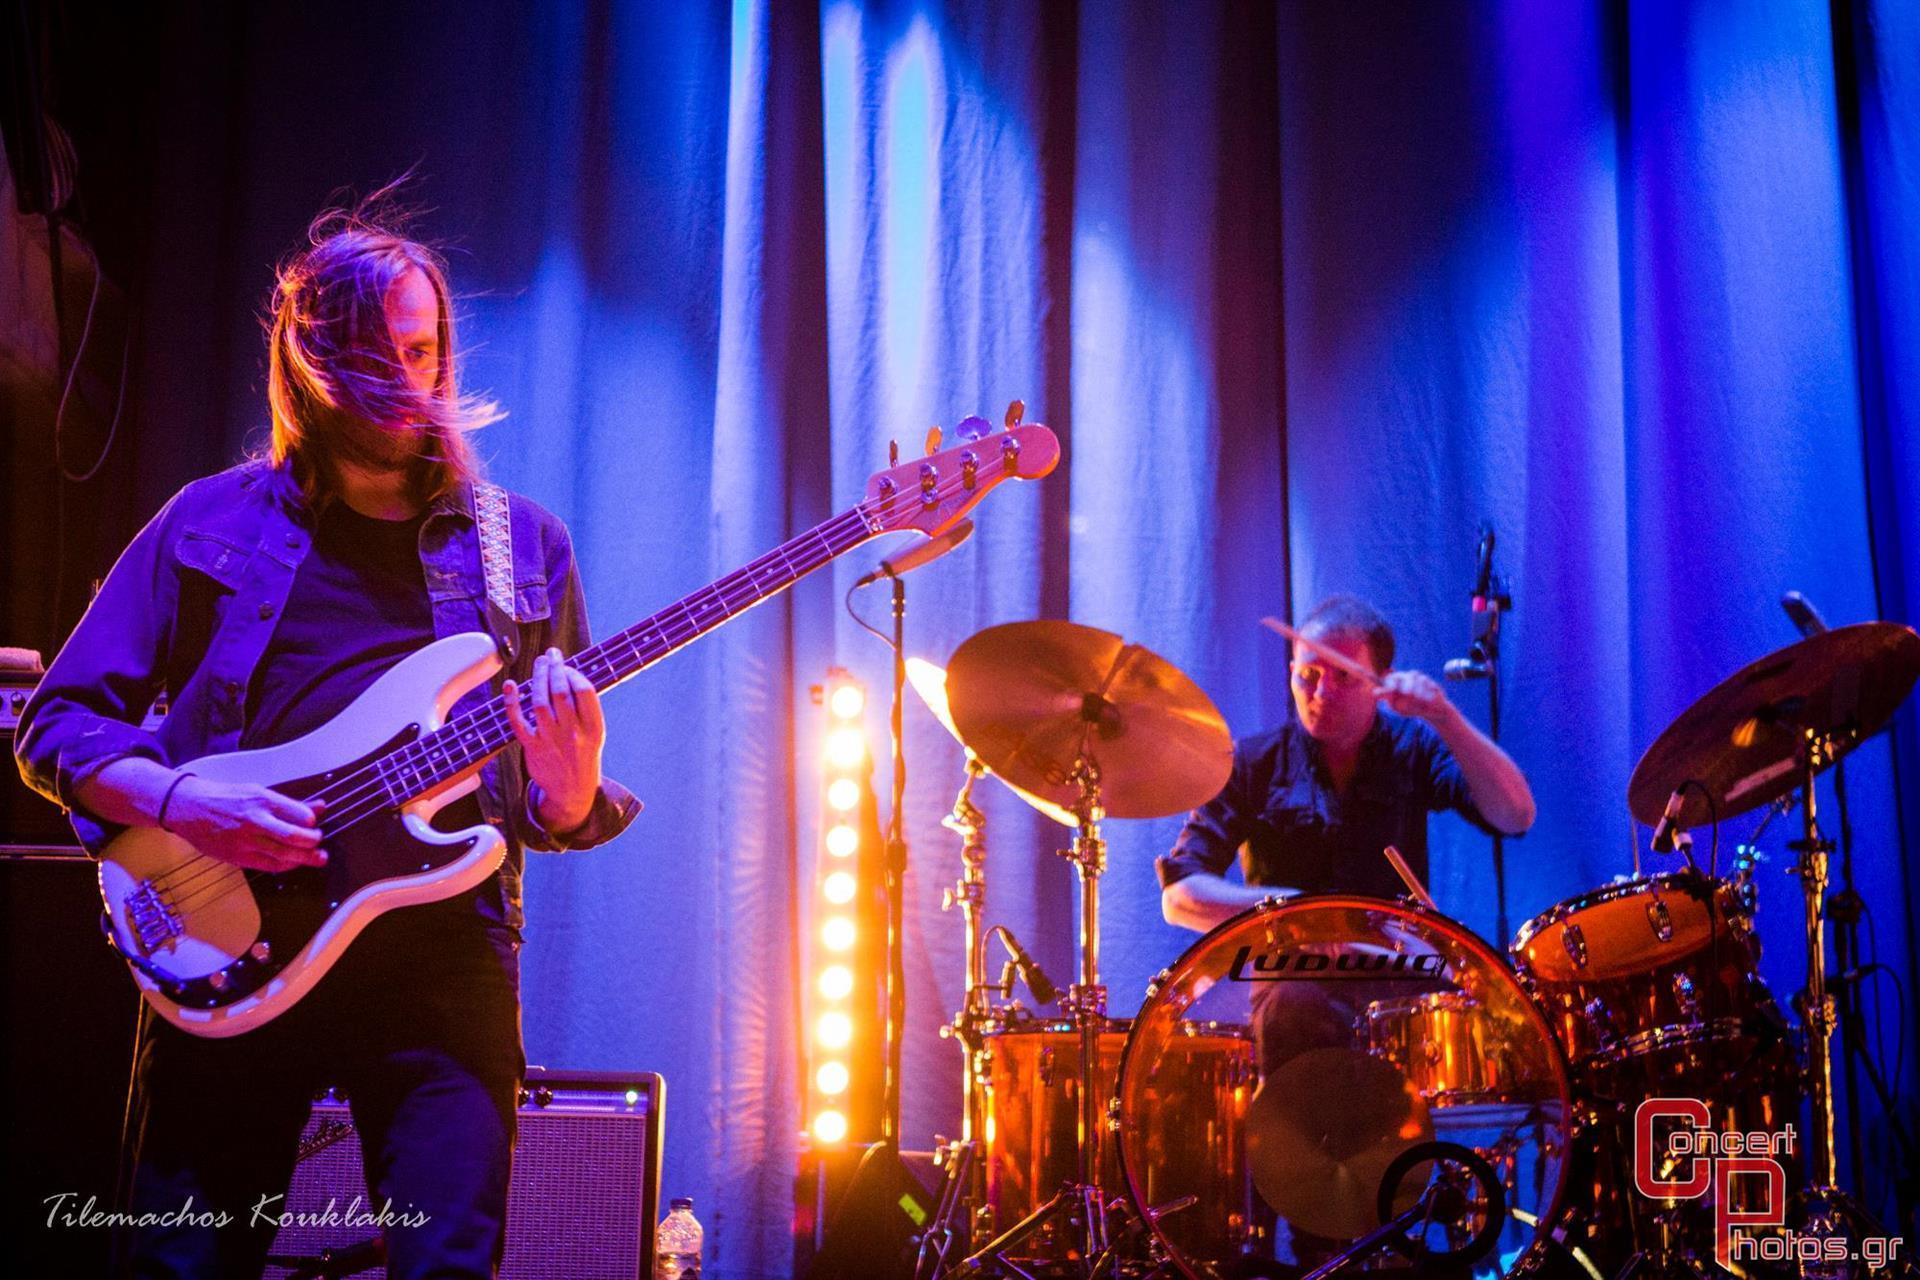 Sivert Hoyem & Remi-lalalalalallalaalalalalaalala photographer:  - Sivert Hoyem_06